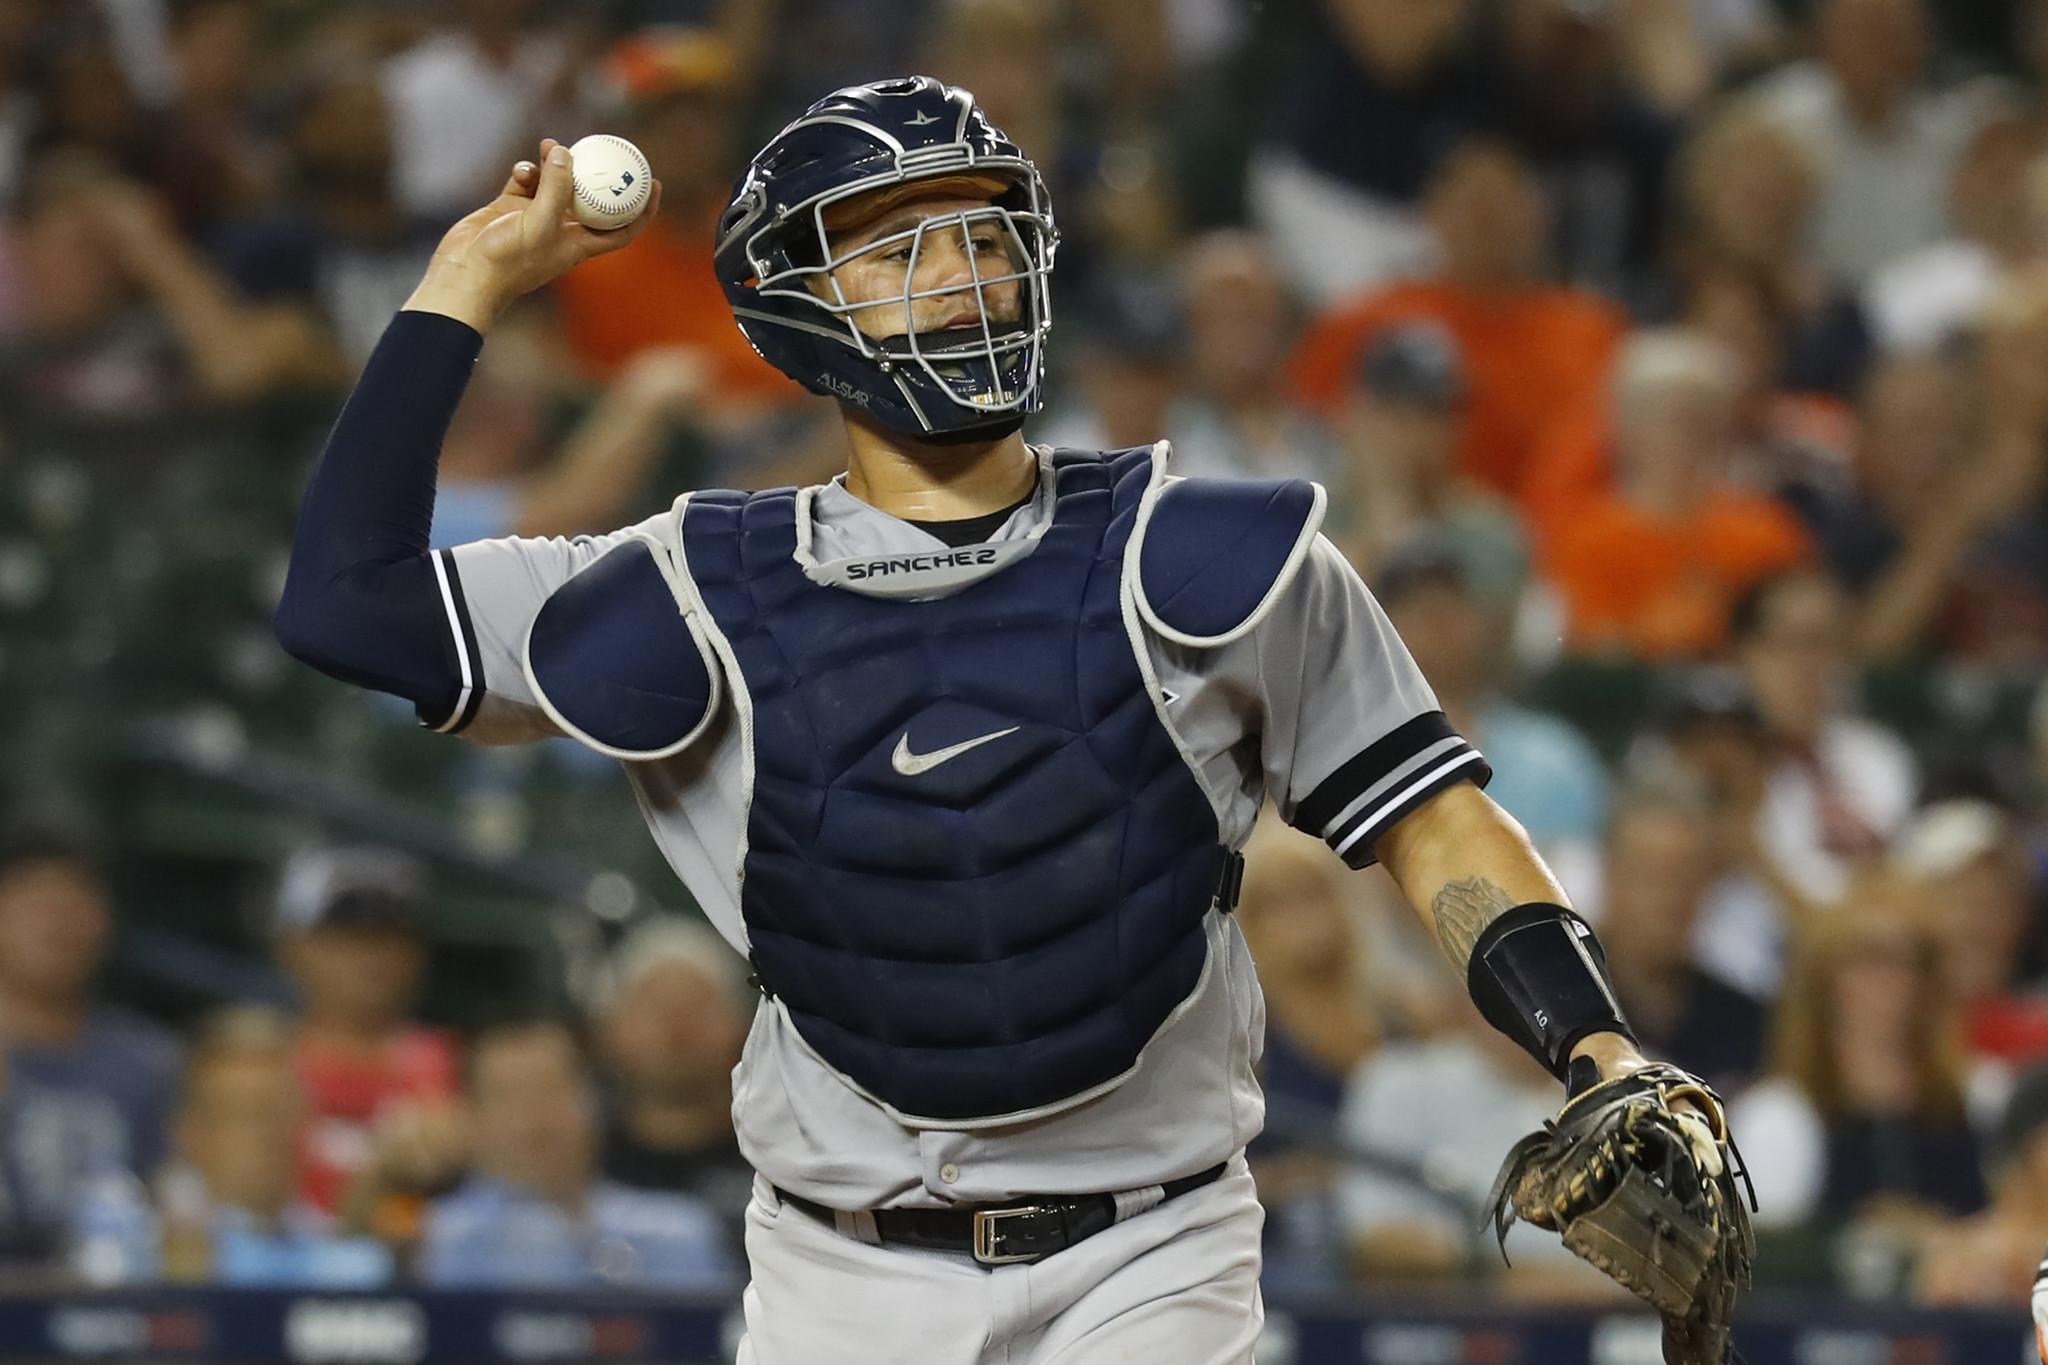 Gary Sanchez and new Yankees catching guru Tanner Swanson get down to work